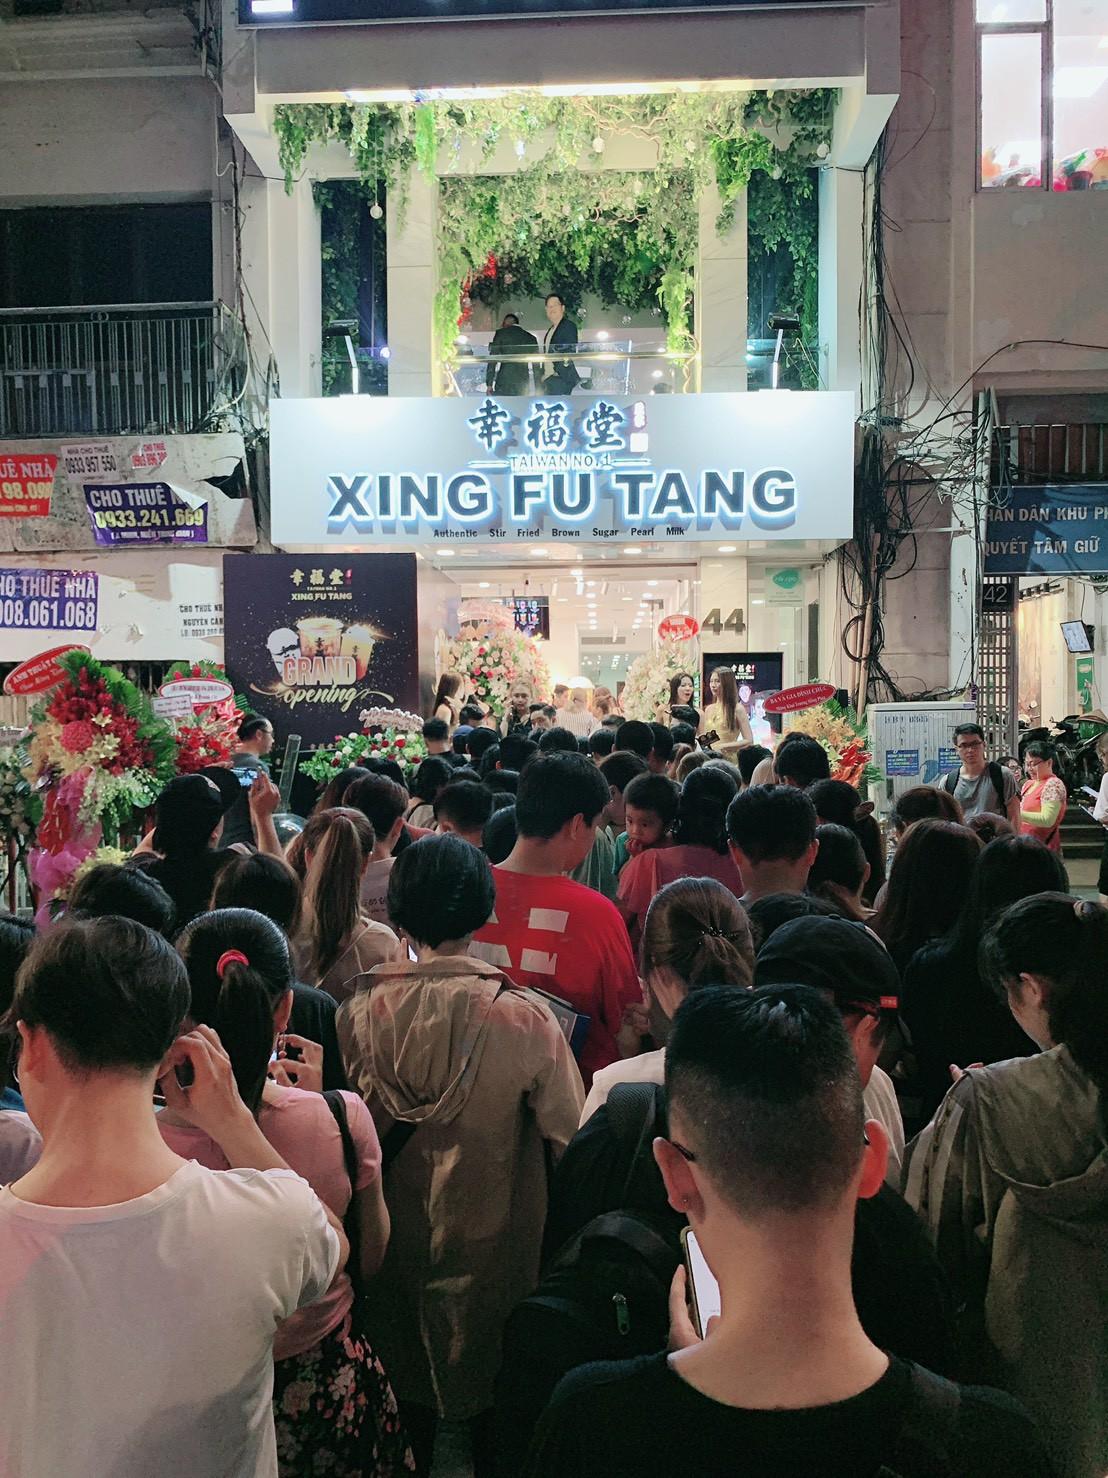 """Cơn bão Xing Fu Tang đang """"ập"""" vào thị trường trà sữa Việt Nam - Ảnh 3."""